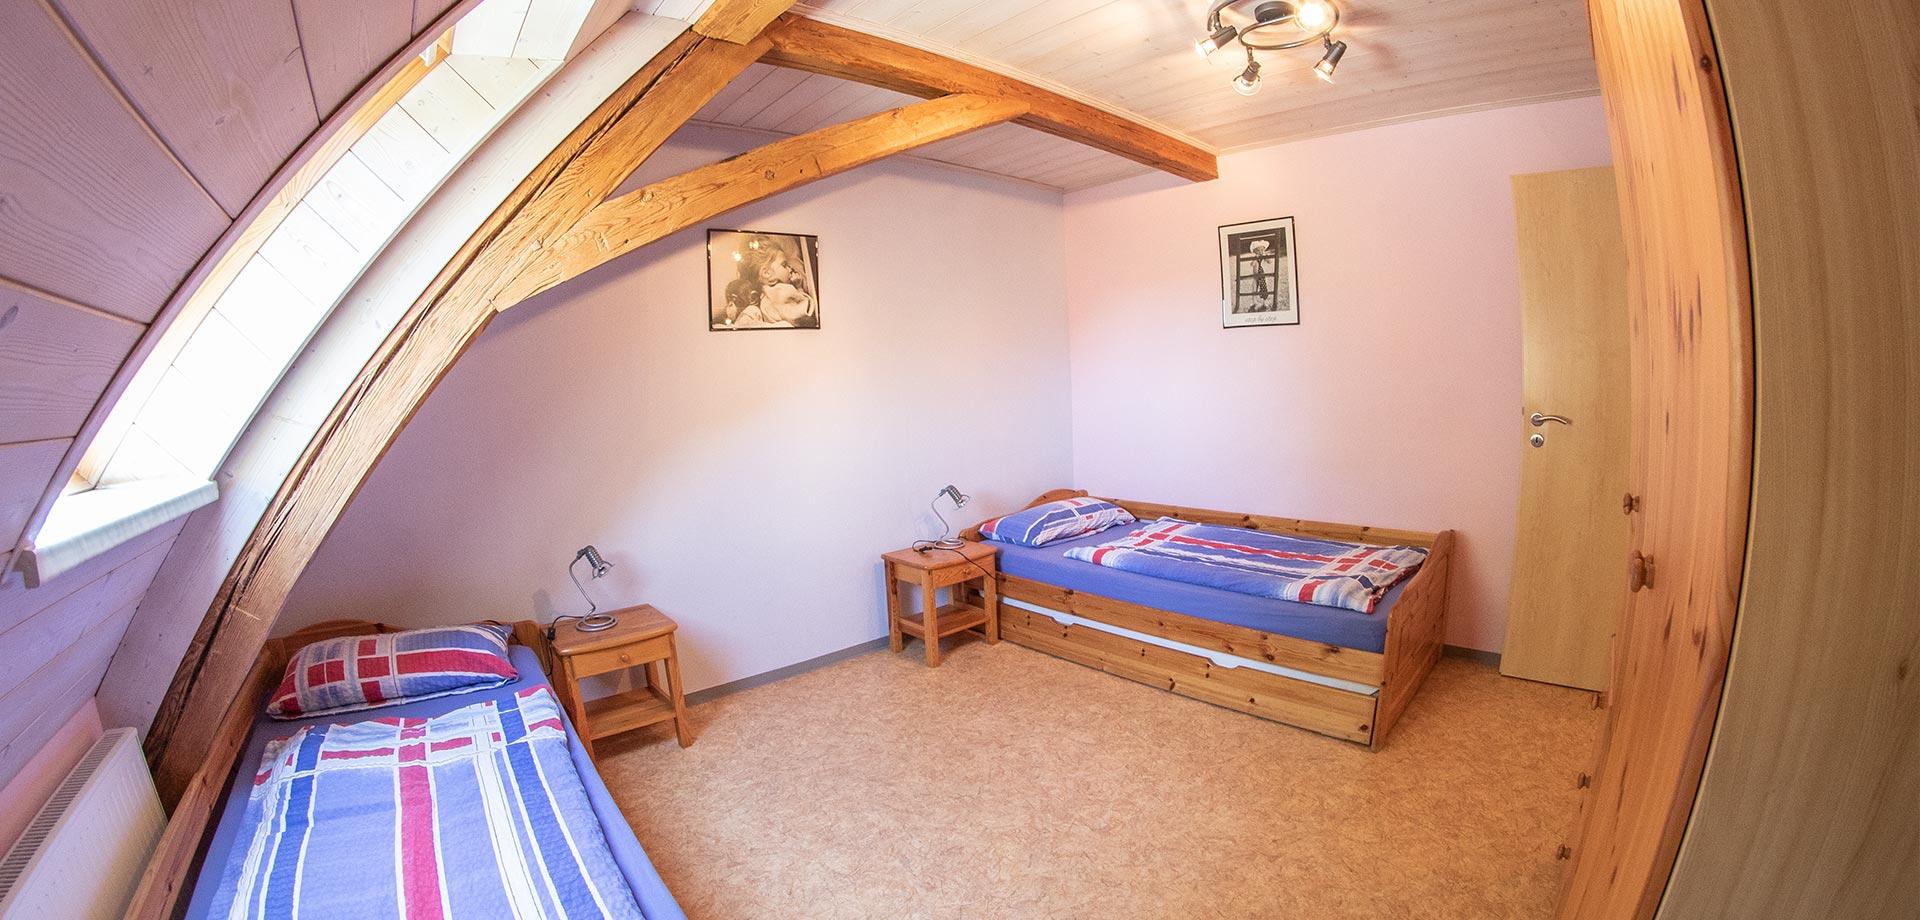 Kinderzimmer Wohnung 3